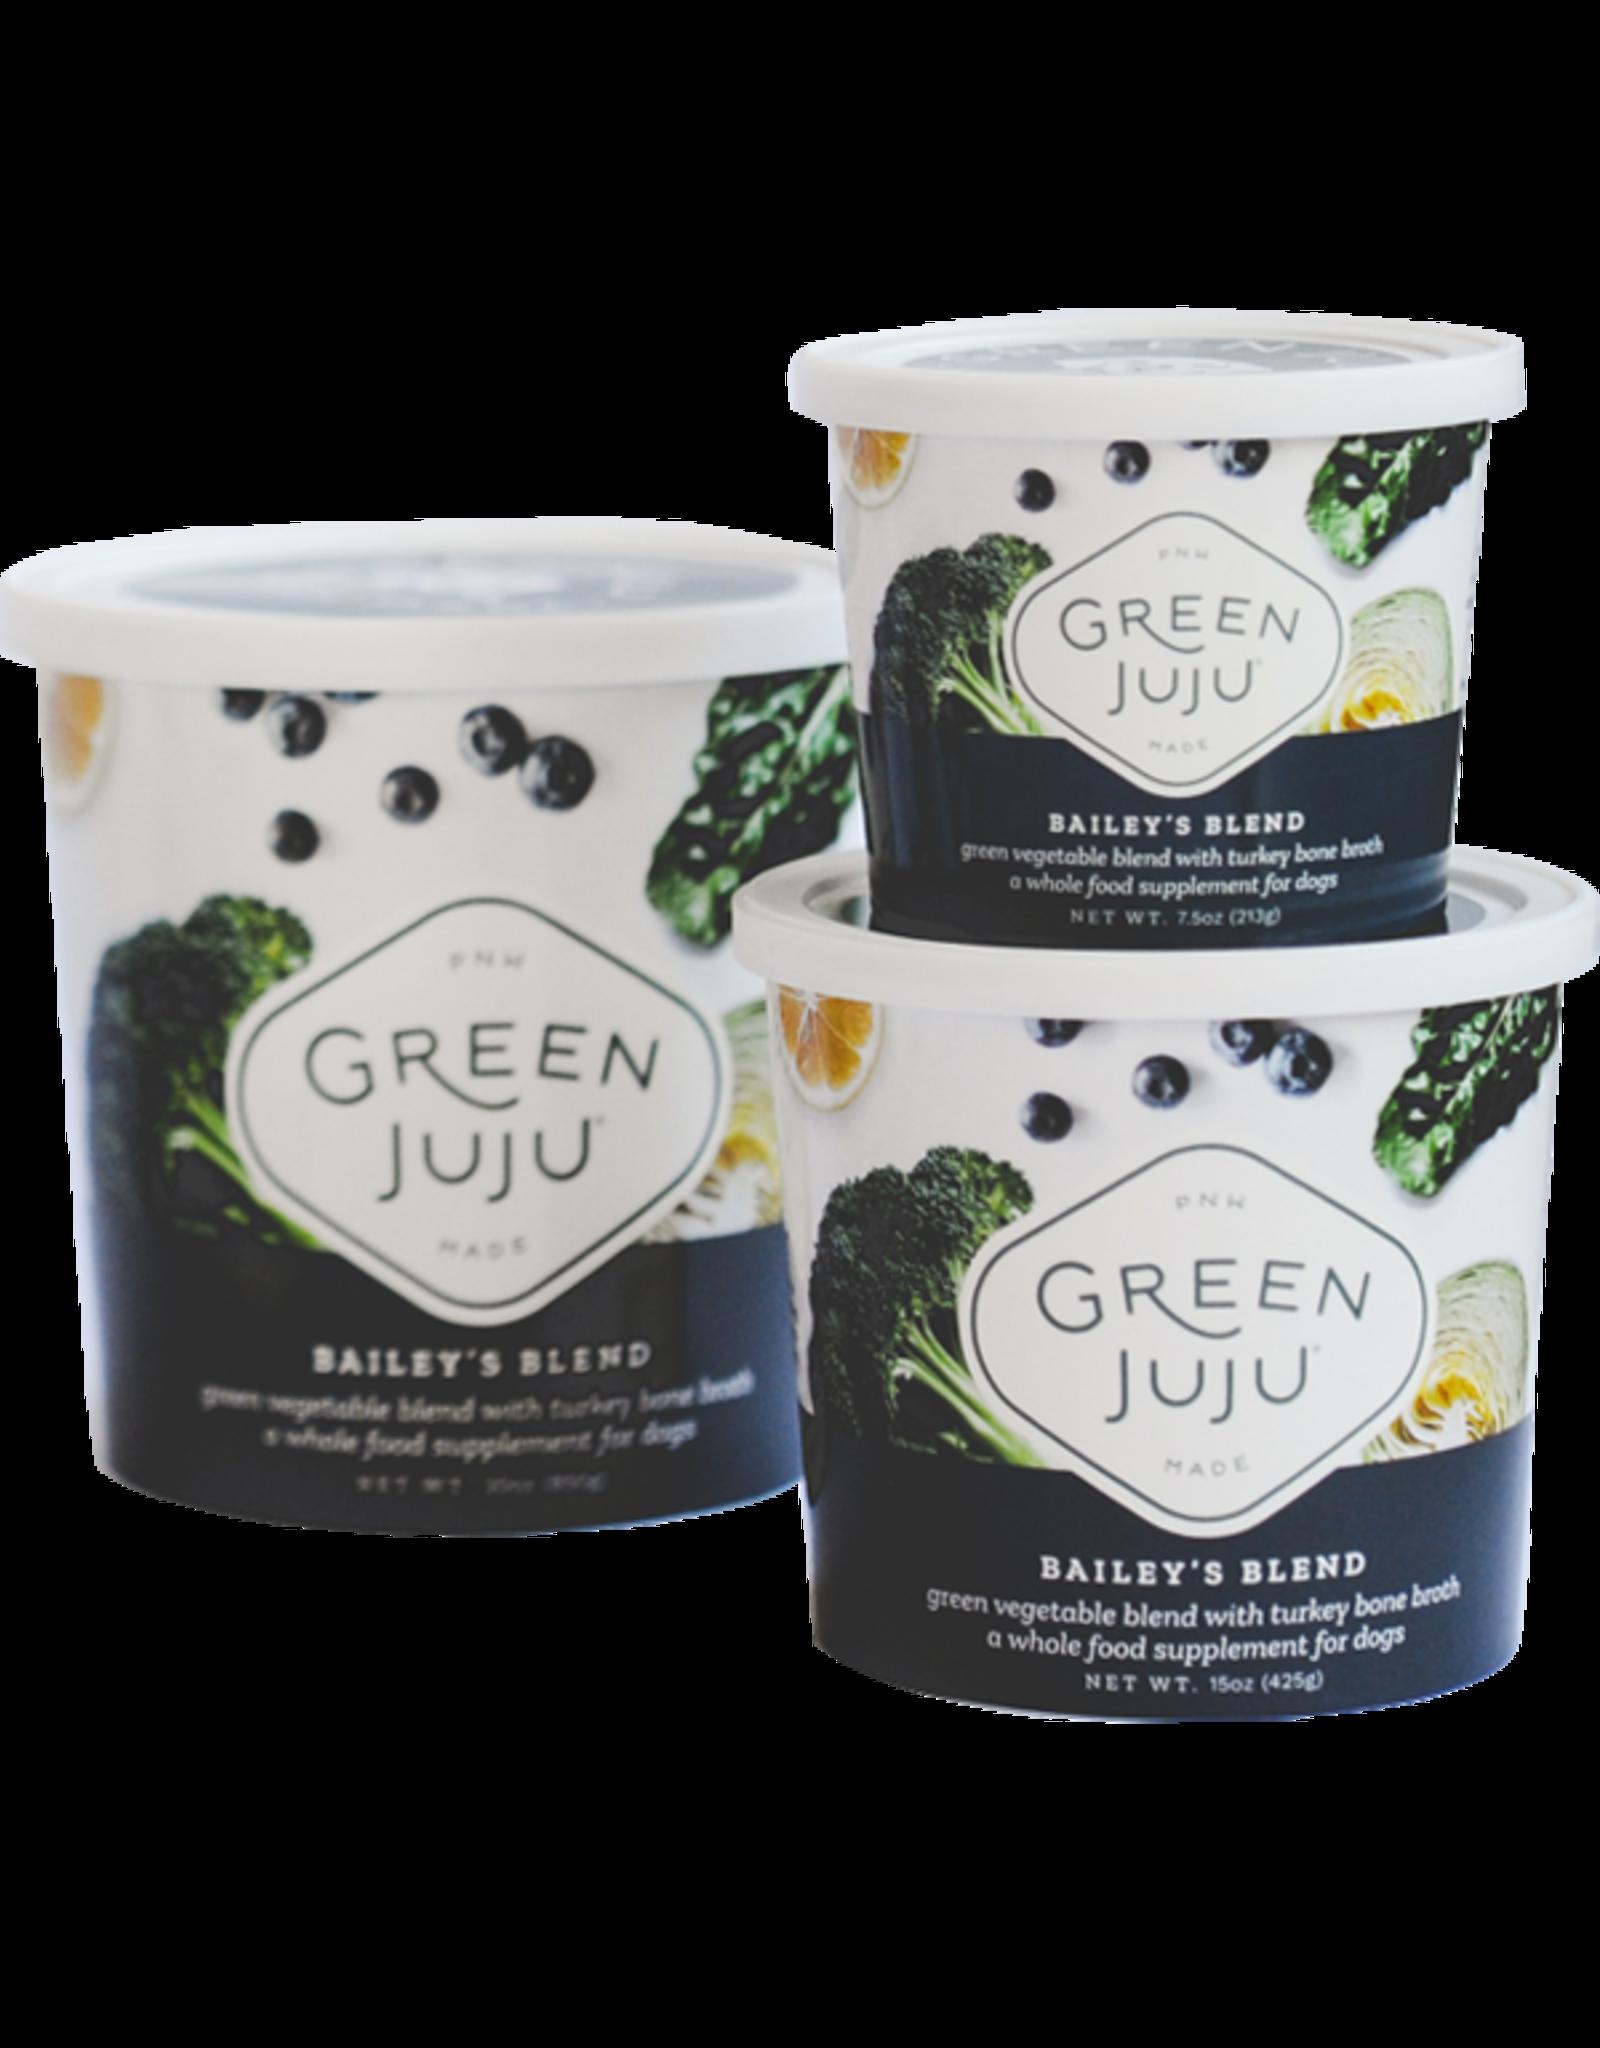 Green Juju Green Juju Baileys Blend - 15 OZ